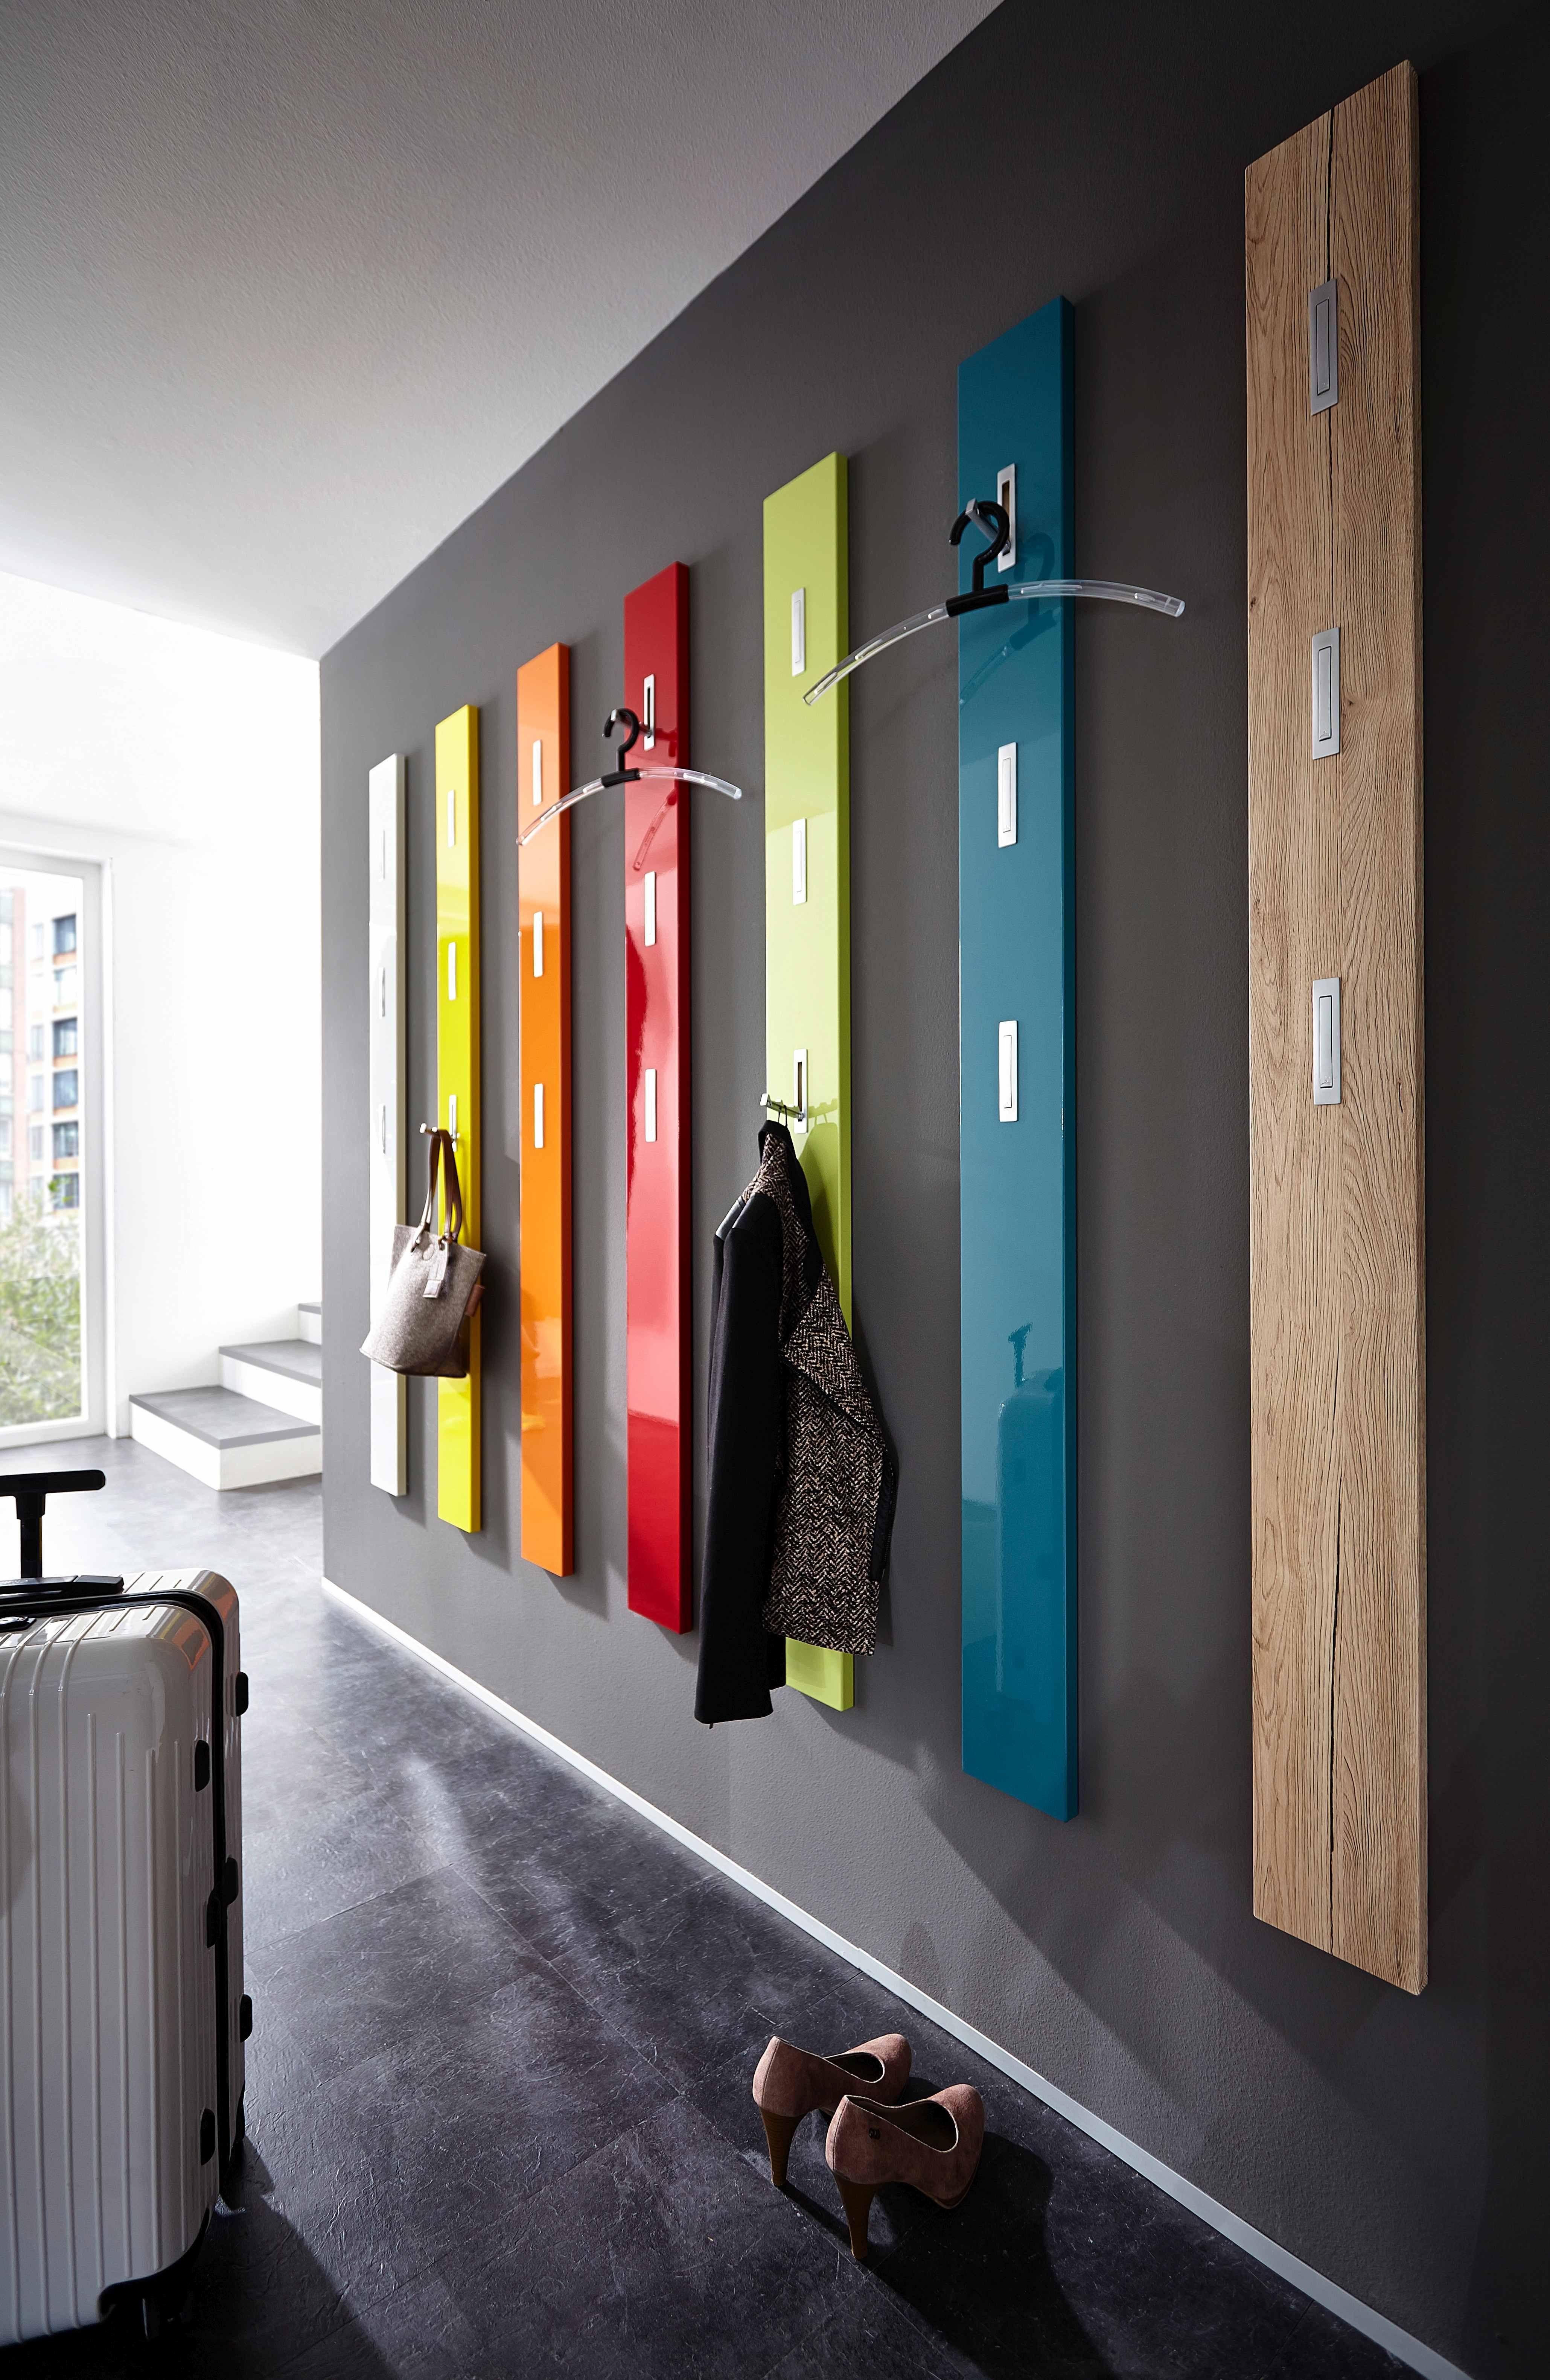 colorado garderobe flur neu gedacht moderne zerlegte m bel made in gaderobe. Black Bedroom Furniture Sets. Home Design Ideas